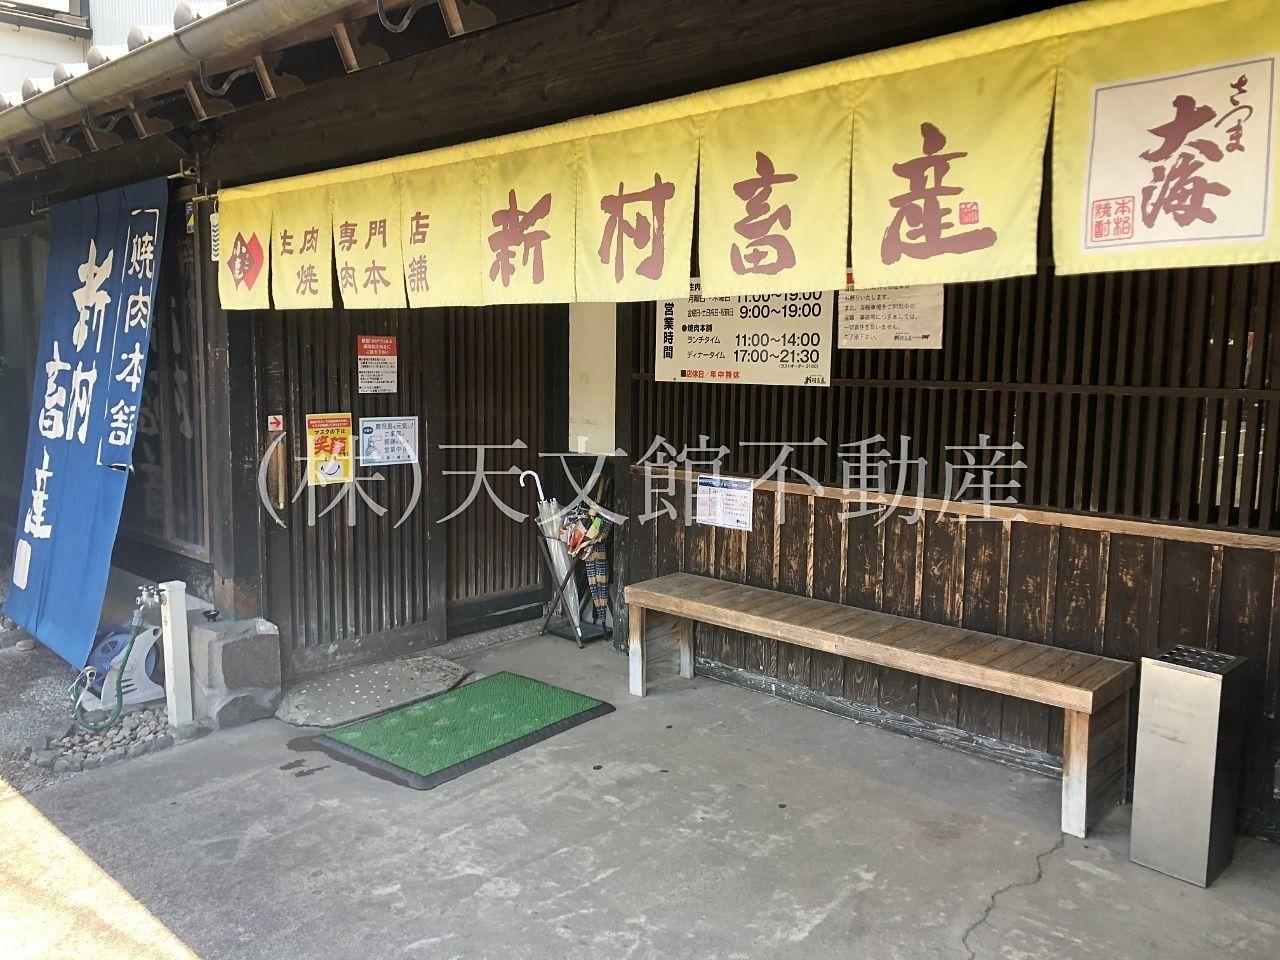 鹿児島県肝属郡の新村畜産は焼肉好きにおすすめなランチスポットです。